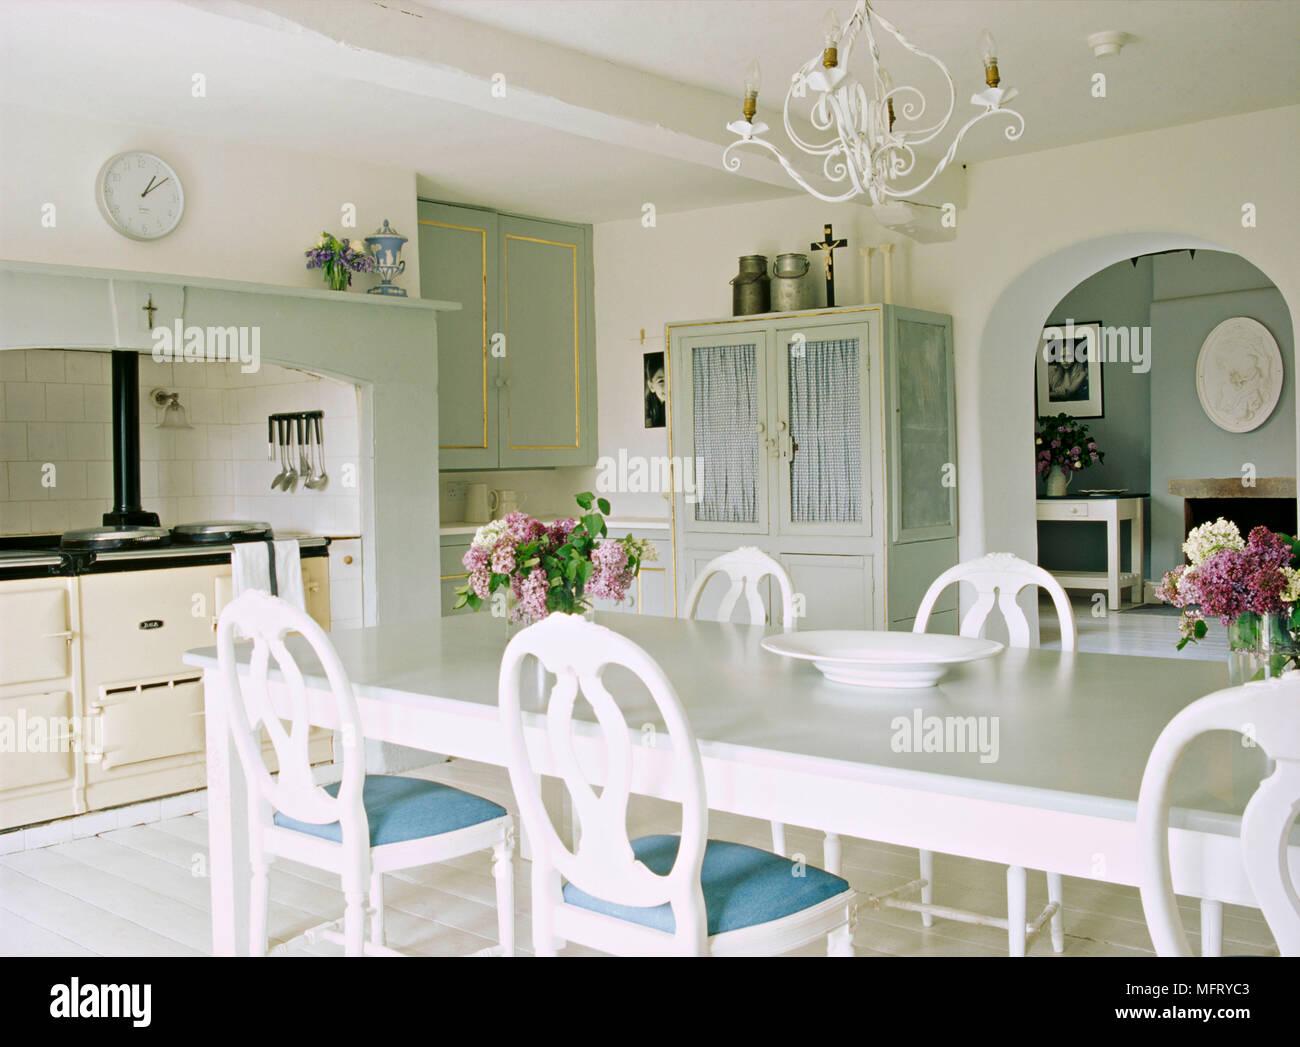 Ausgezeichnet Französisch Land Küchenmöbel Nz Ideen - Küchenschrank ...